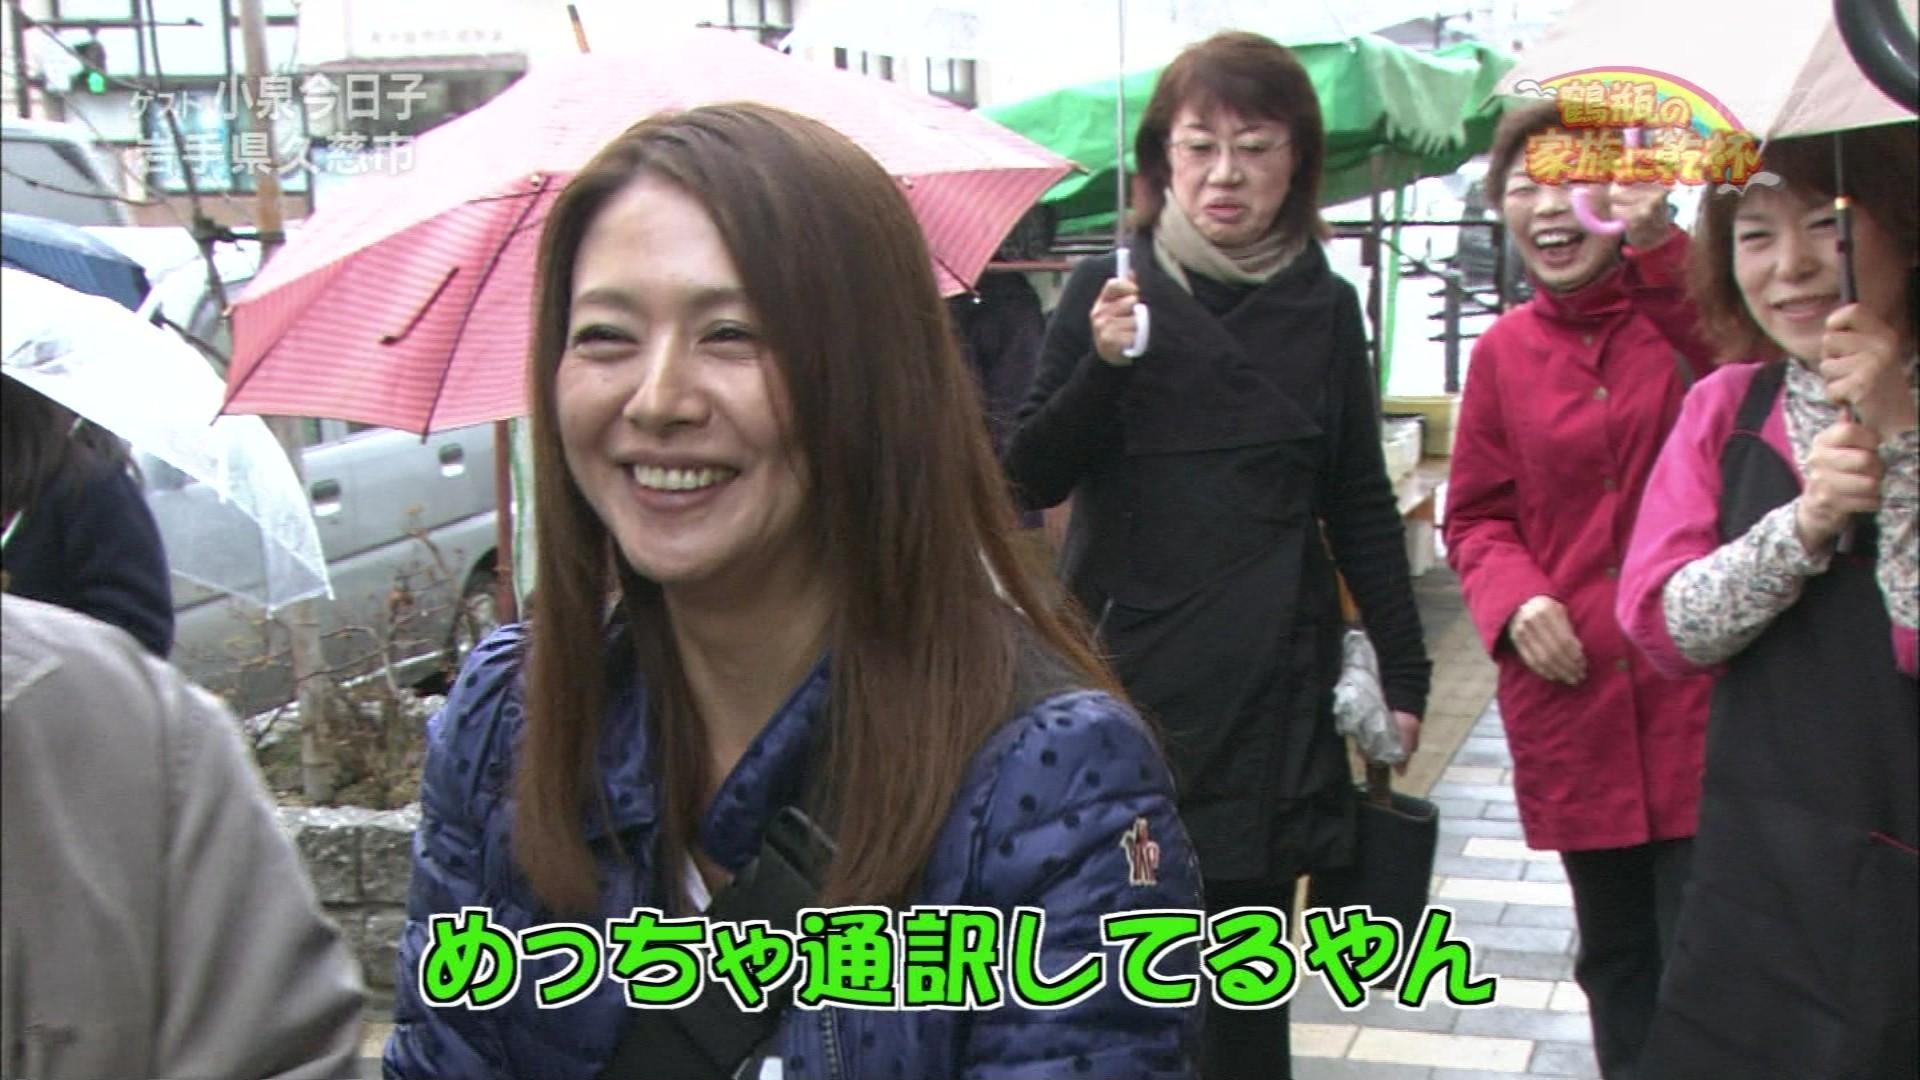 小泉今日子と同棲せず、「妻と離婚協議してない」 …